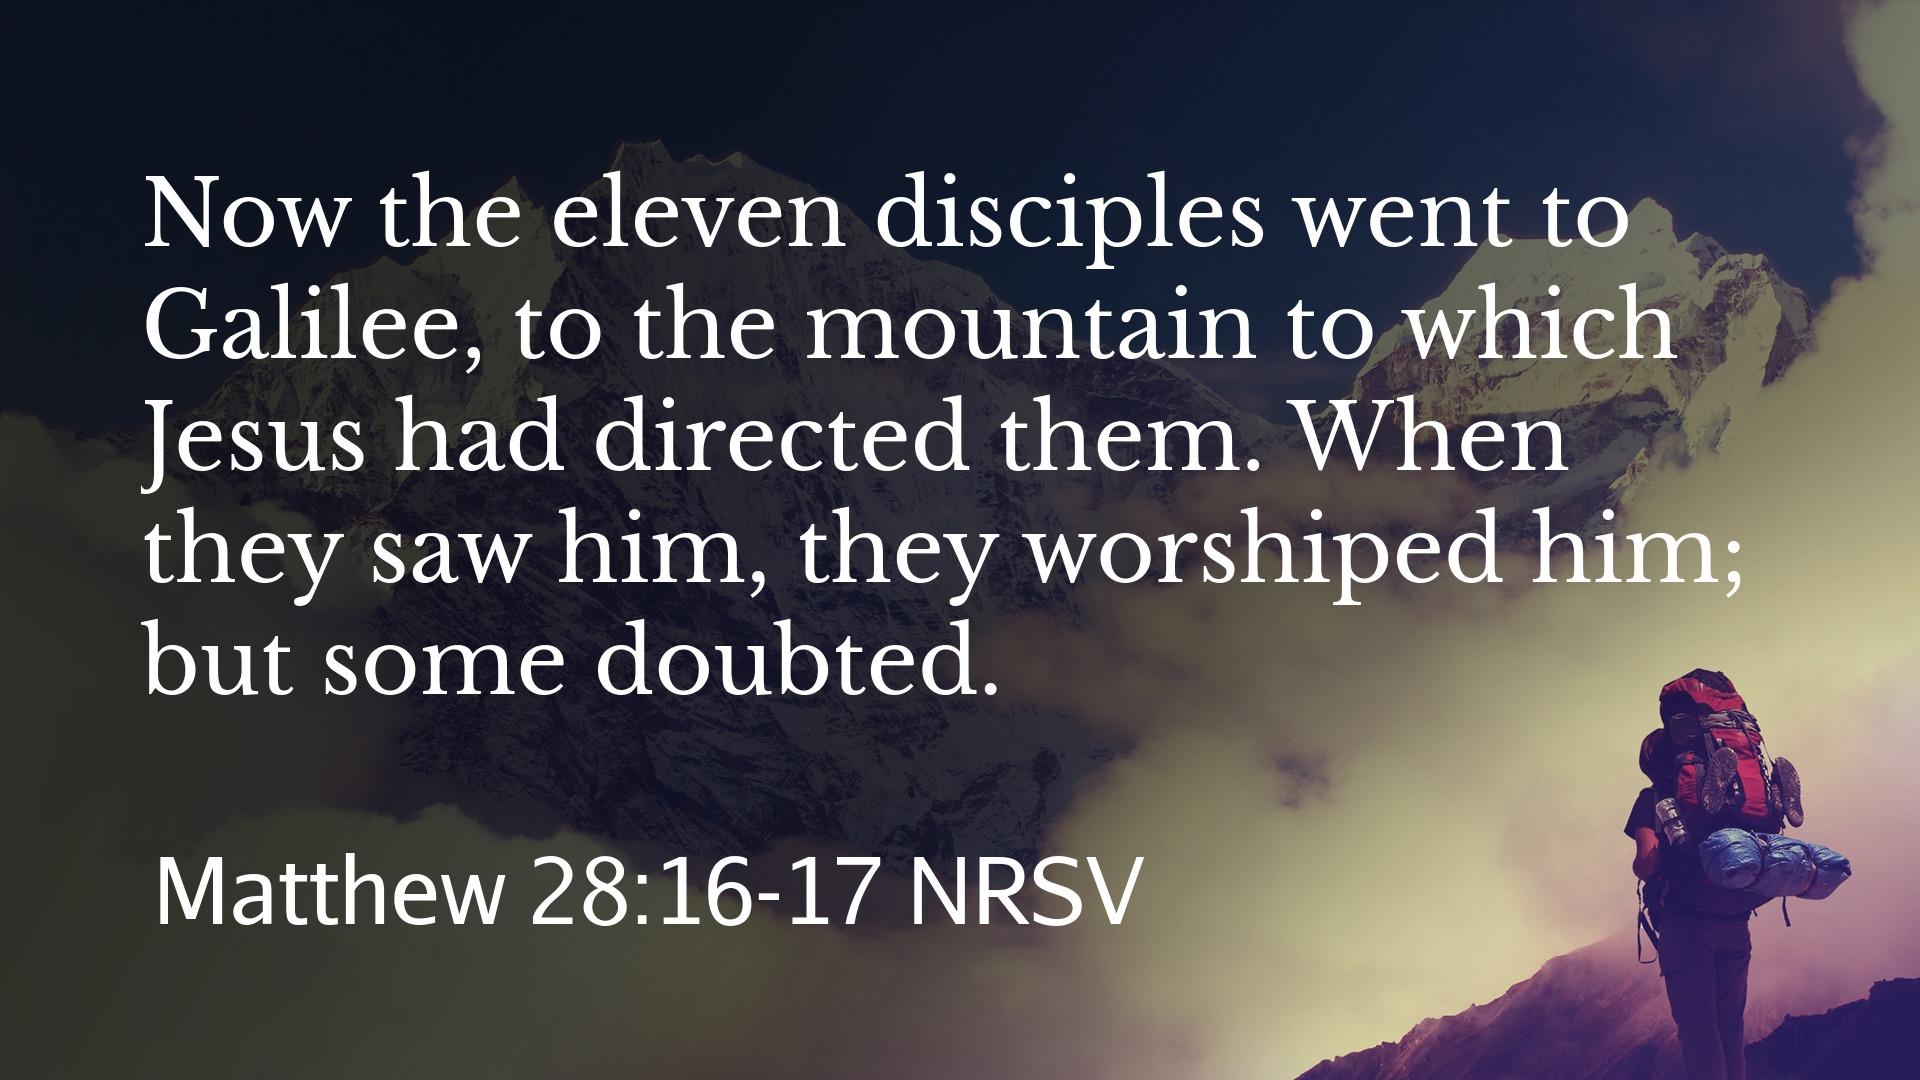 Matt 28.16-17